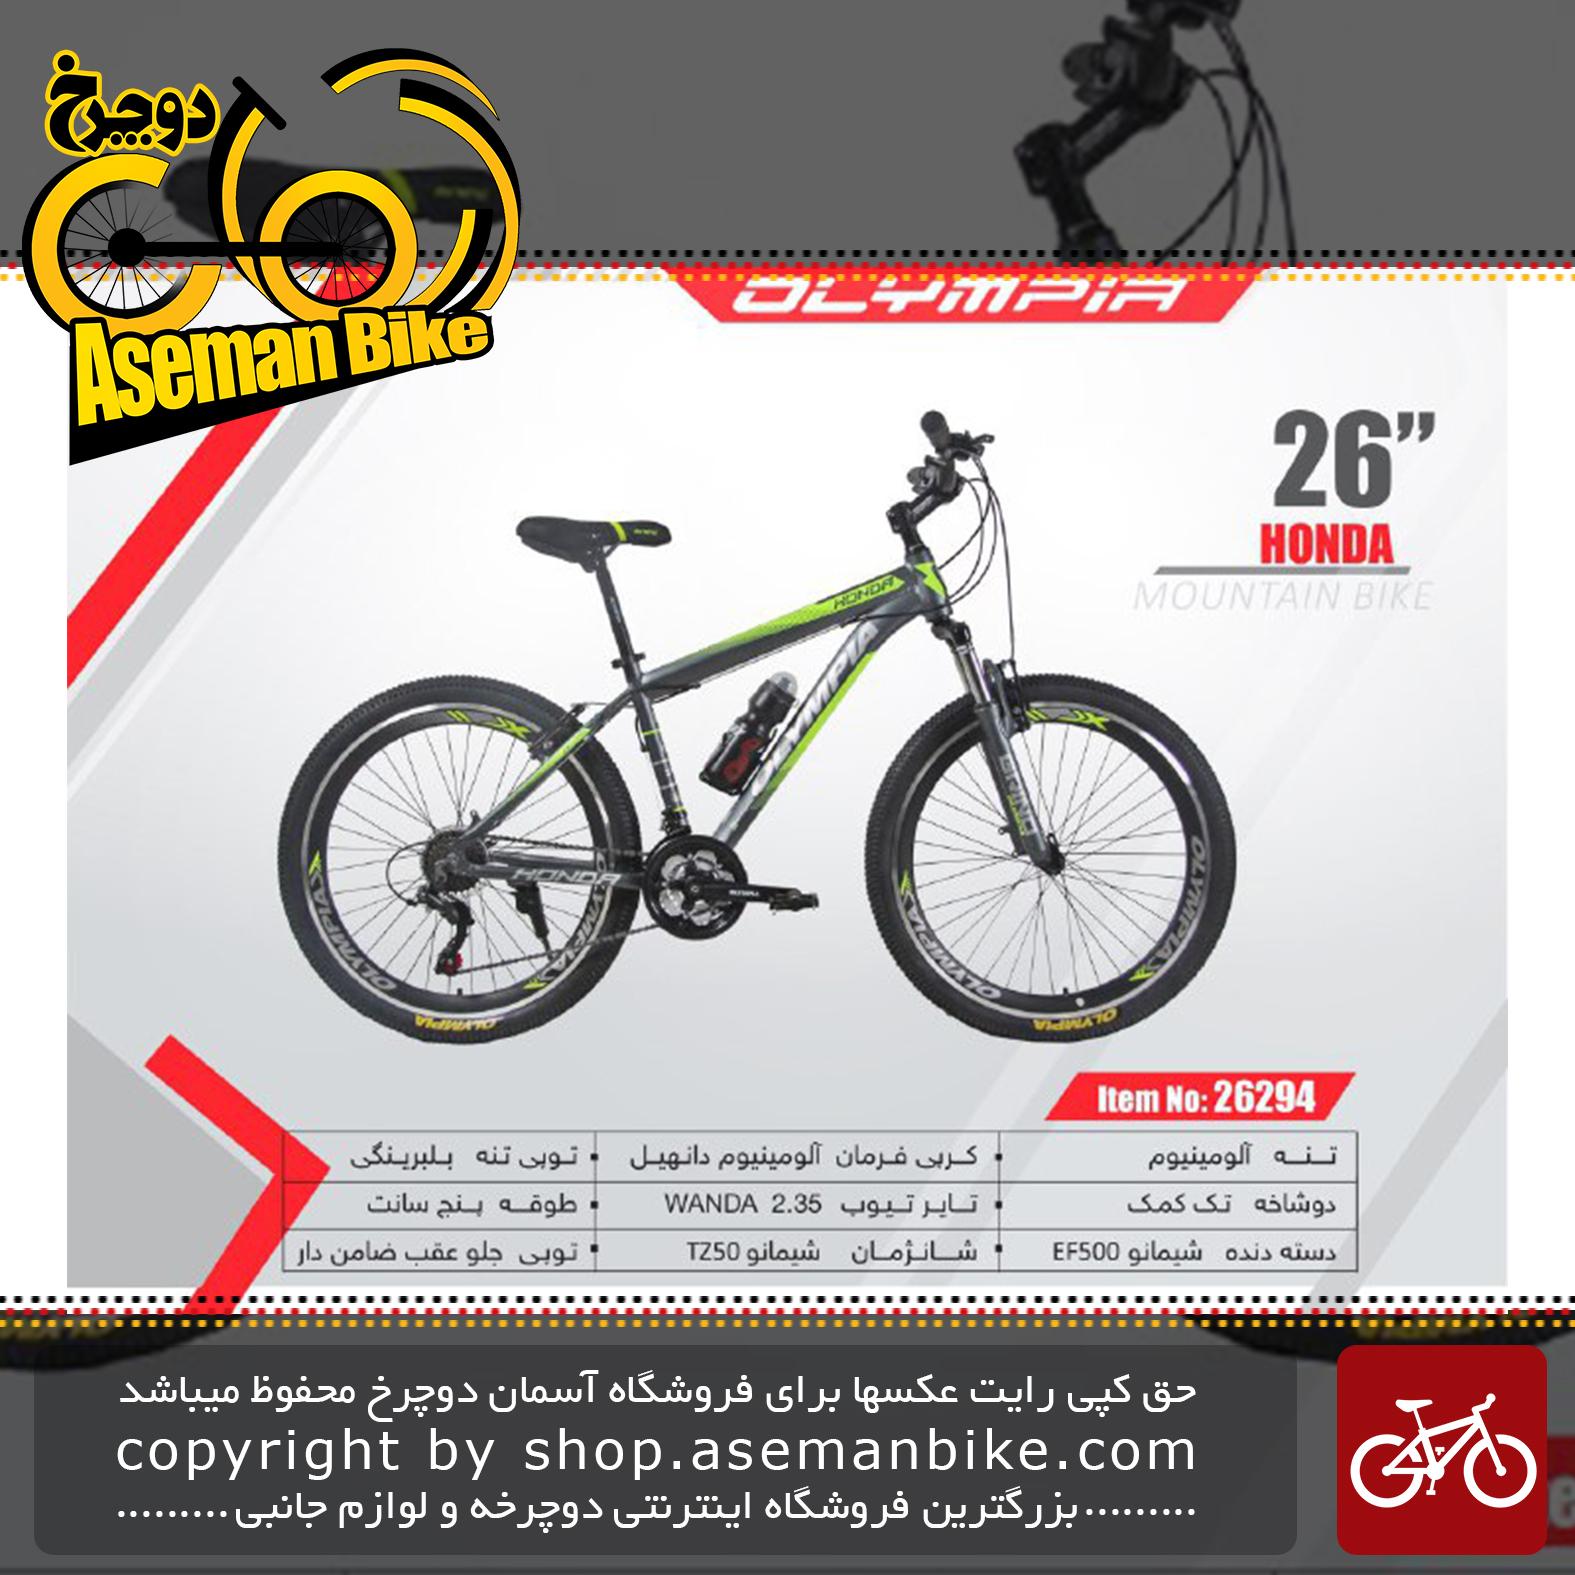 دوچرخه کوهستان المپیا سایز26 مدل هندا OLYMPIA SIZE 26 HONDA